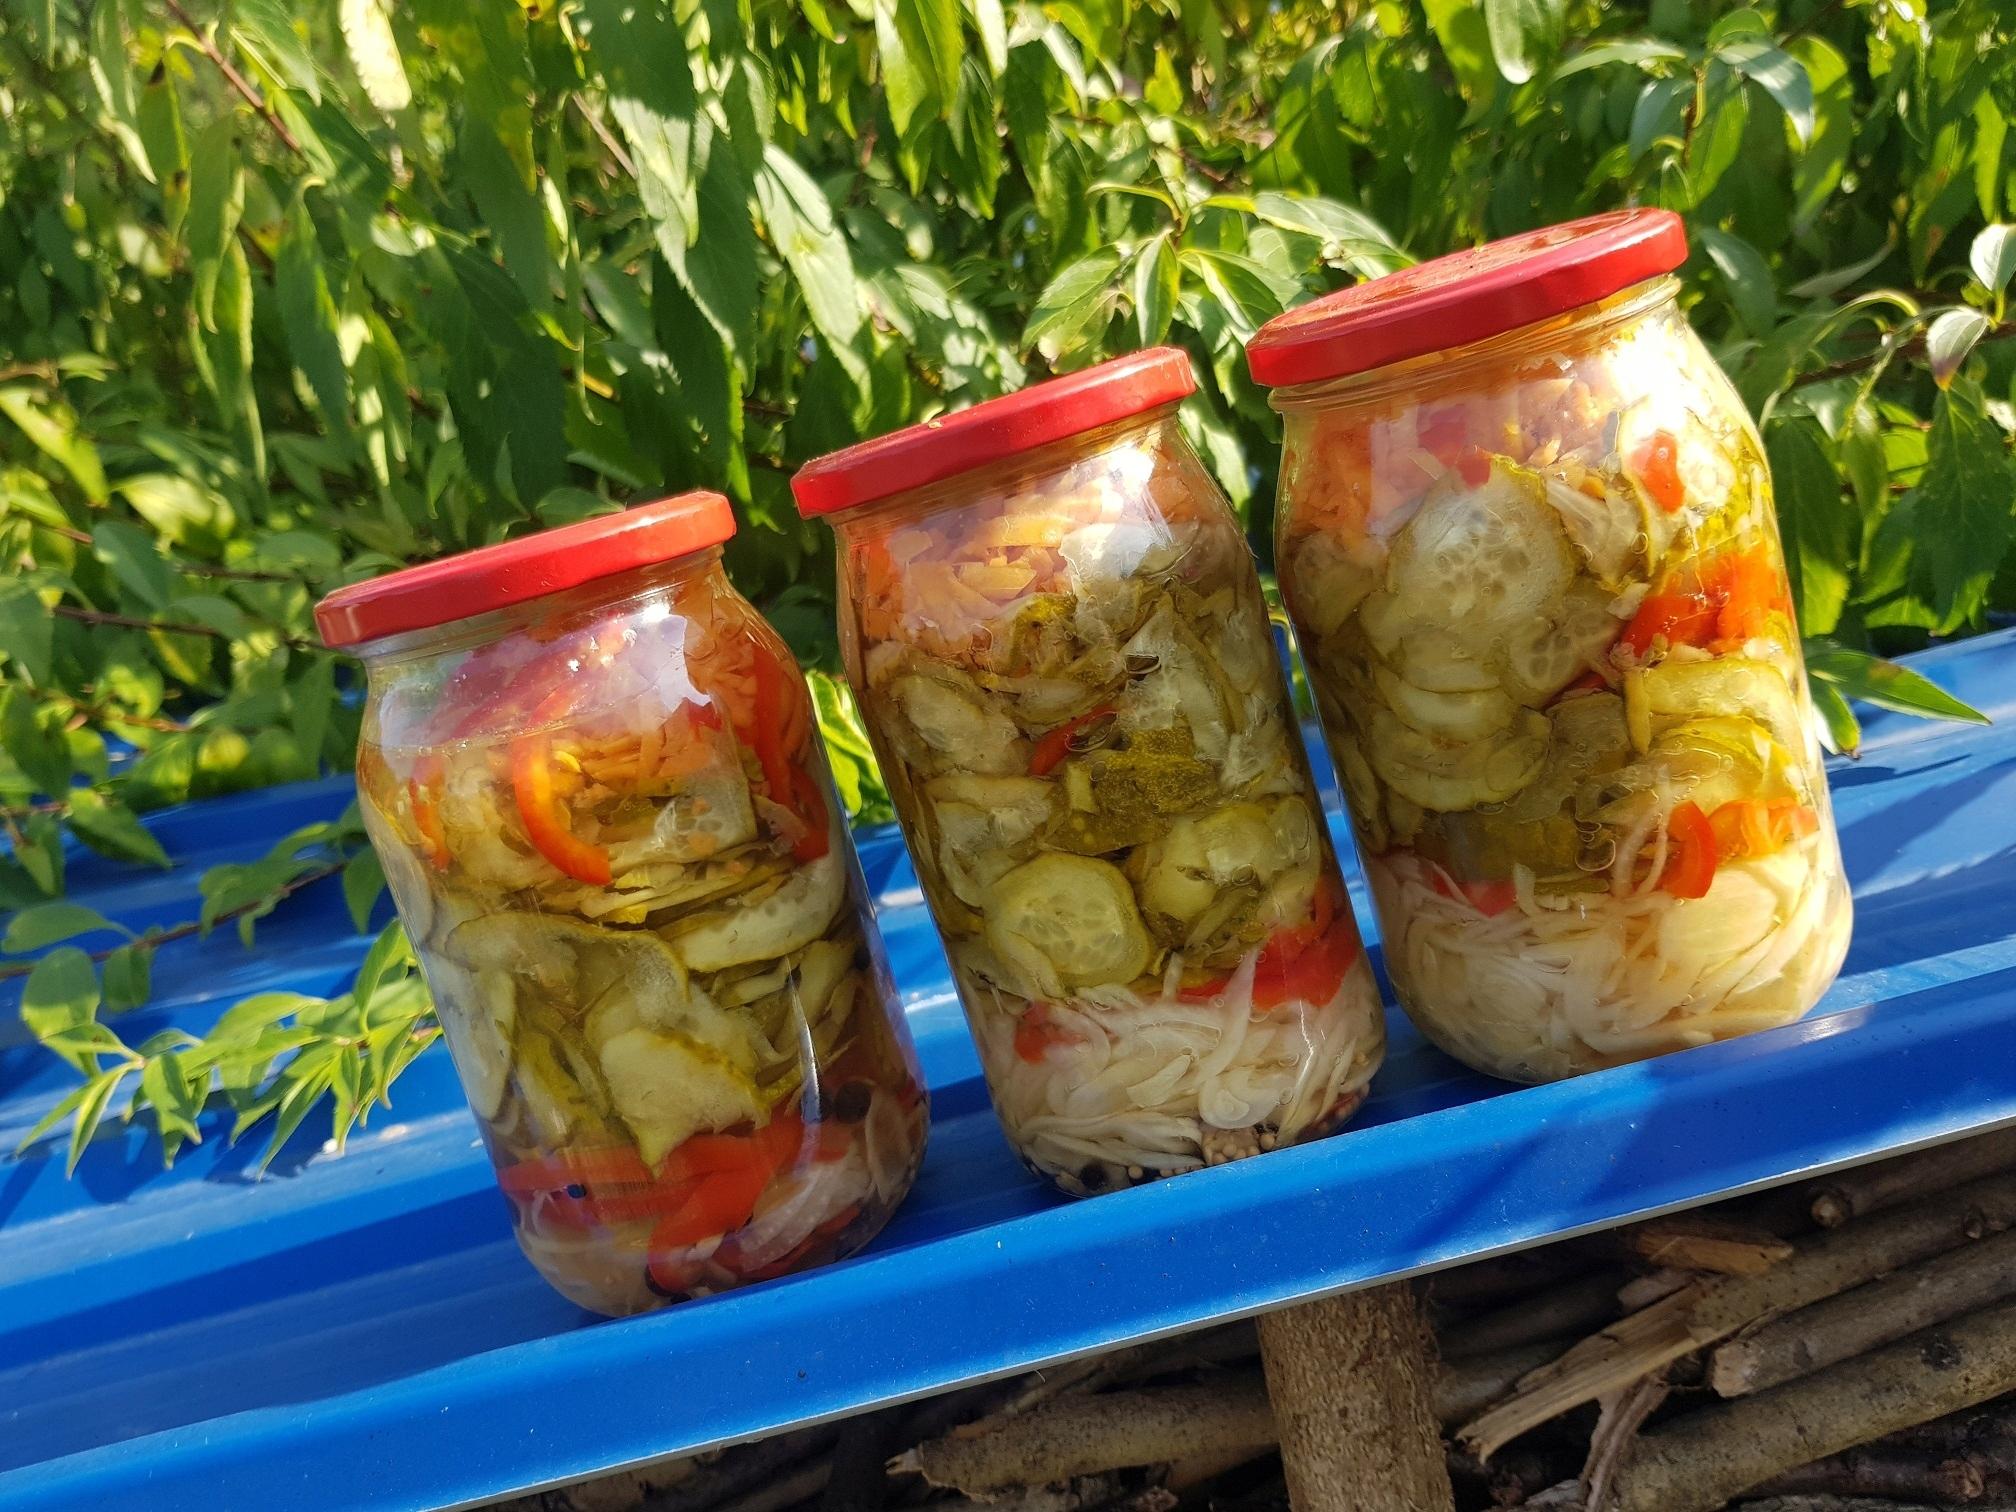 Domowa sałatka ogórkowa z ogórków papryki zimowa